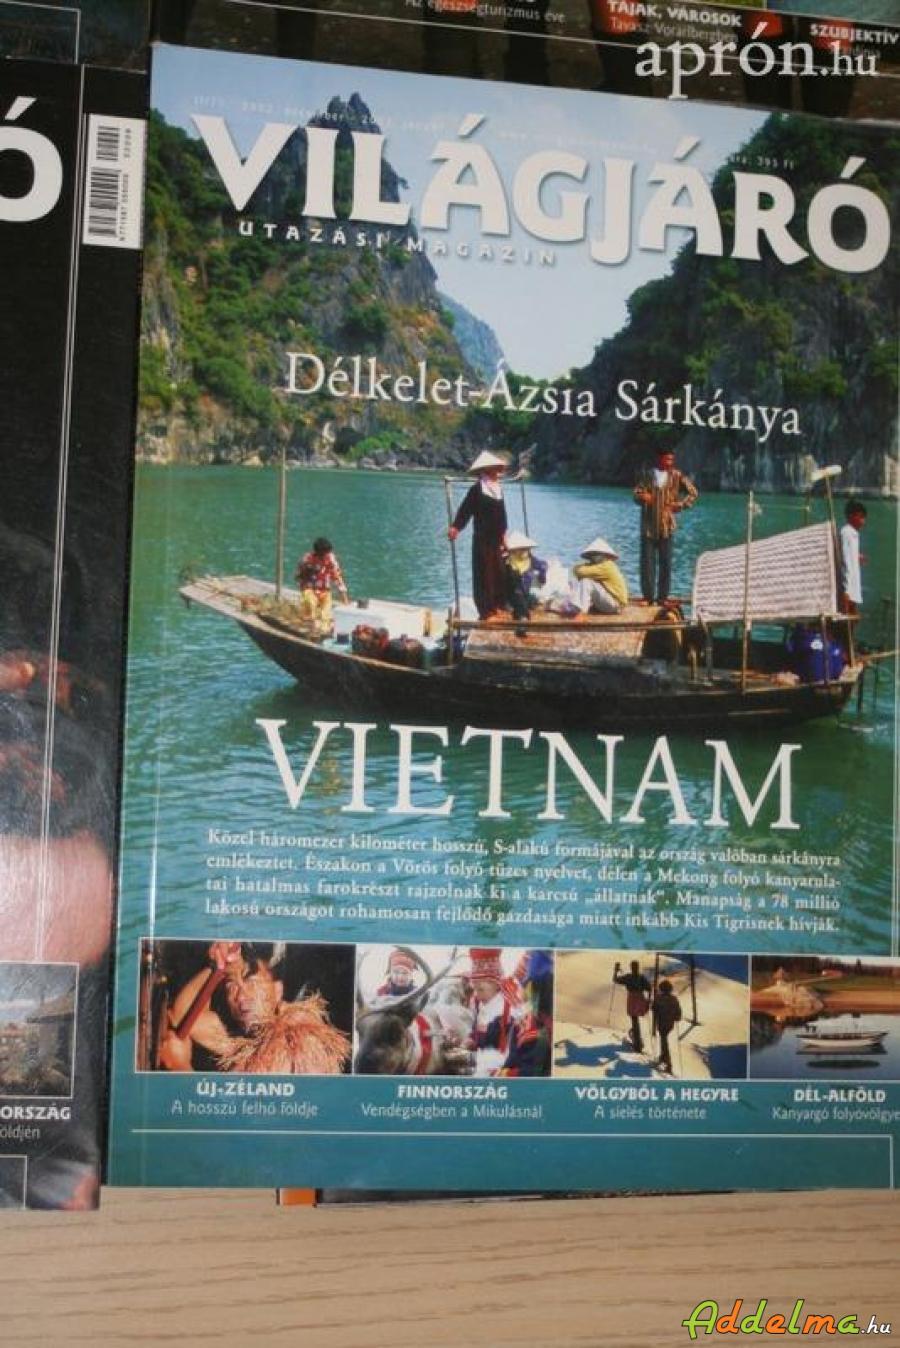 Világjáró magazin